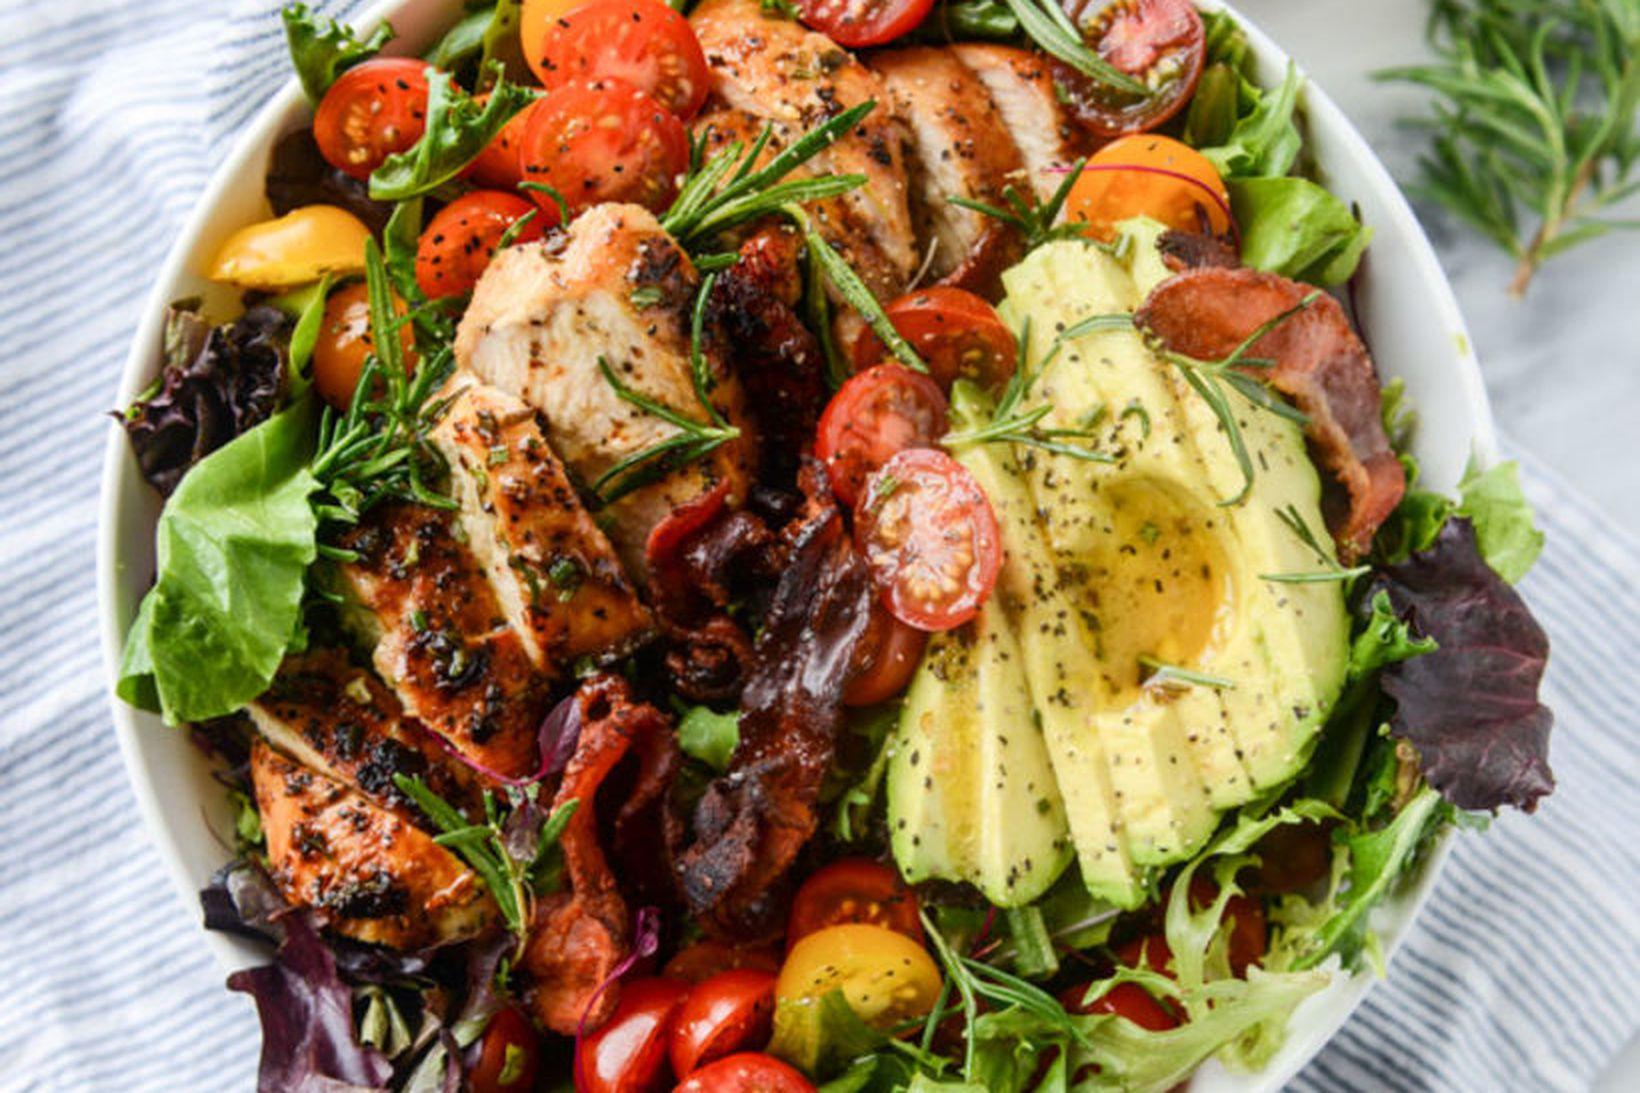 Girnilegur rósmarínkjúklingur með beikoni og avocado-salati.